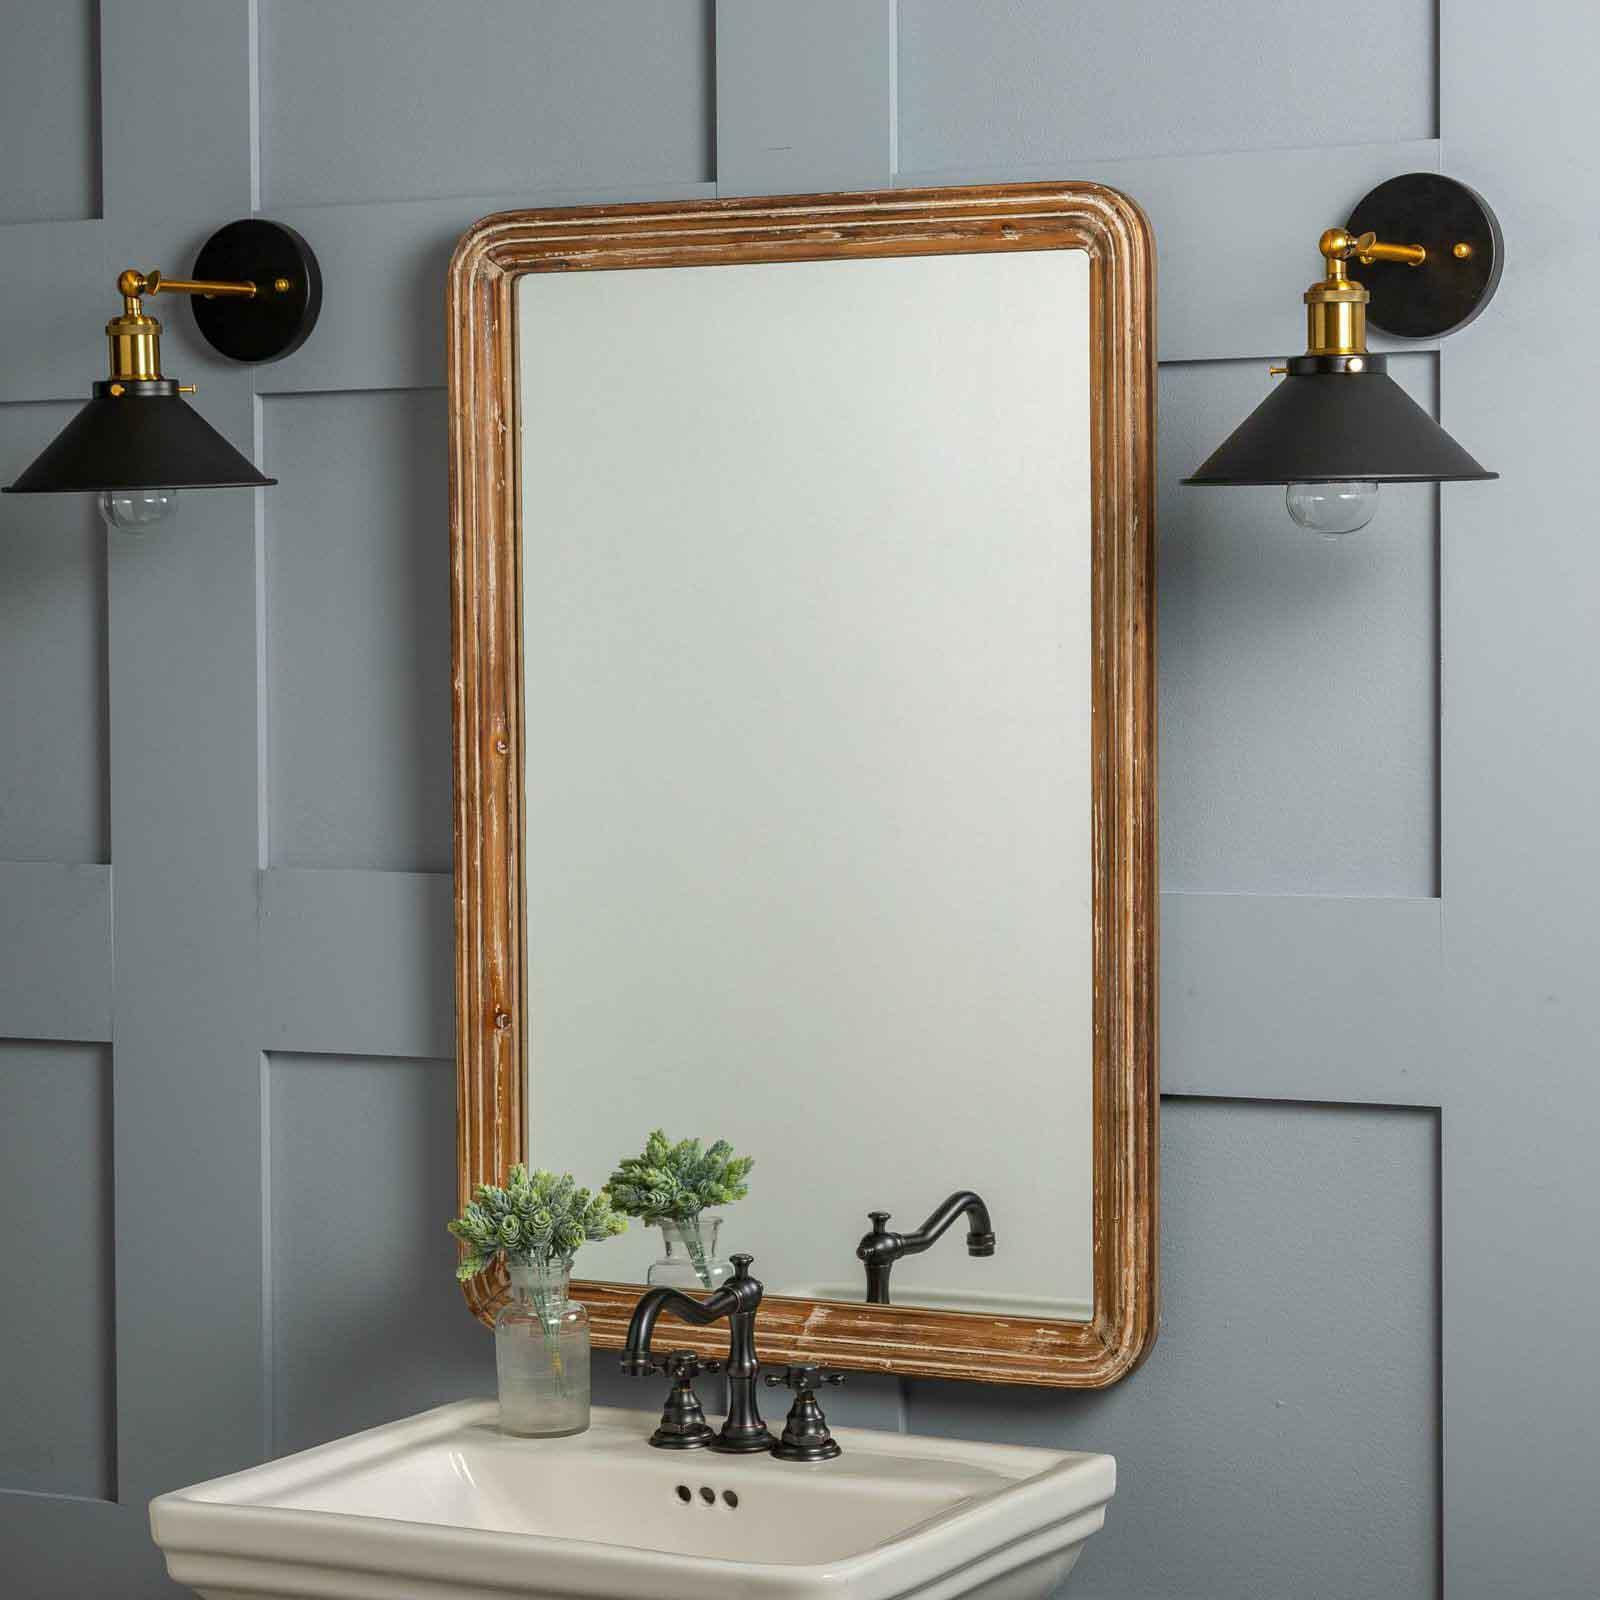 تزیین دیوار دستشویی با آینه کلاسیک با قاب چوبی ظریف کاری شده